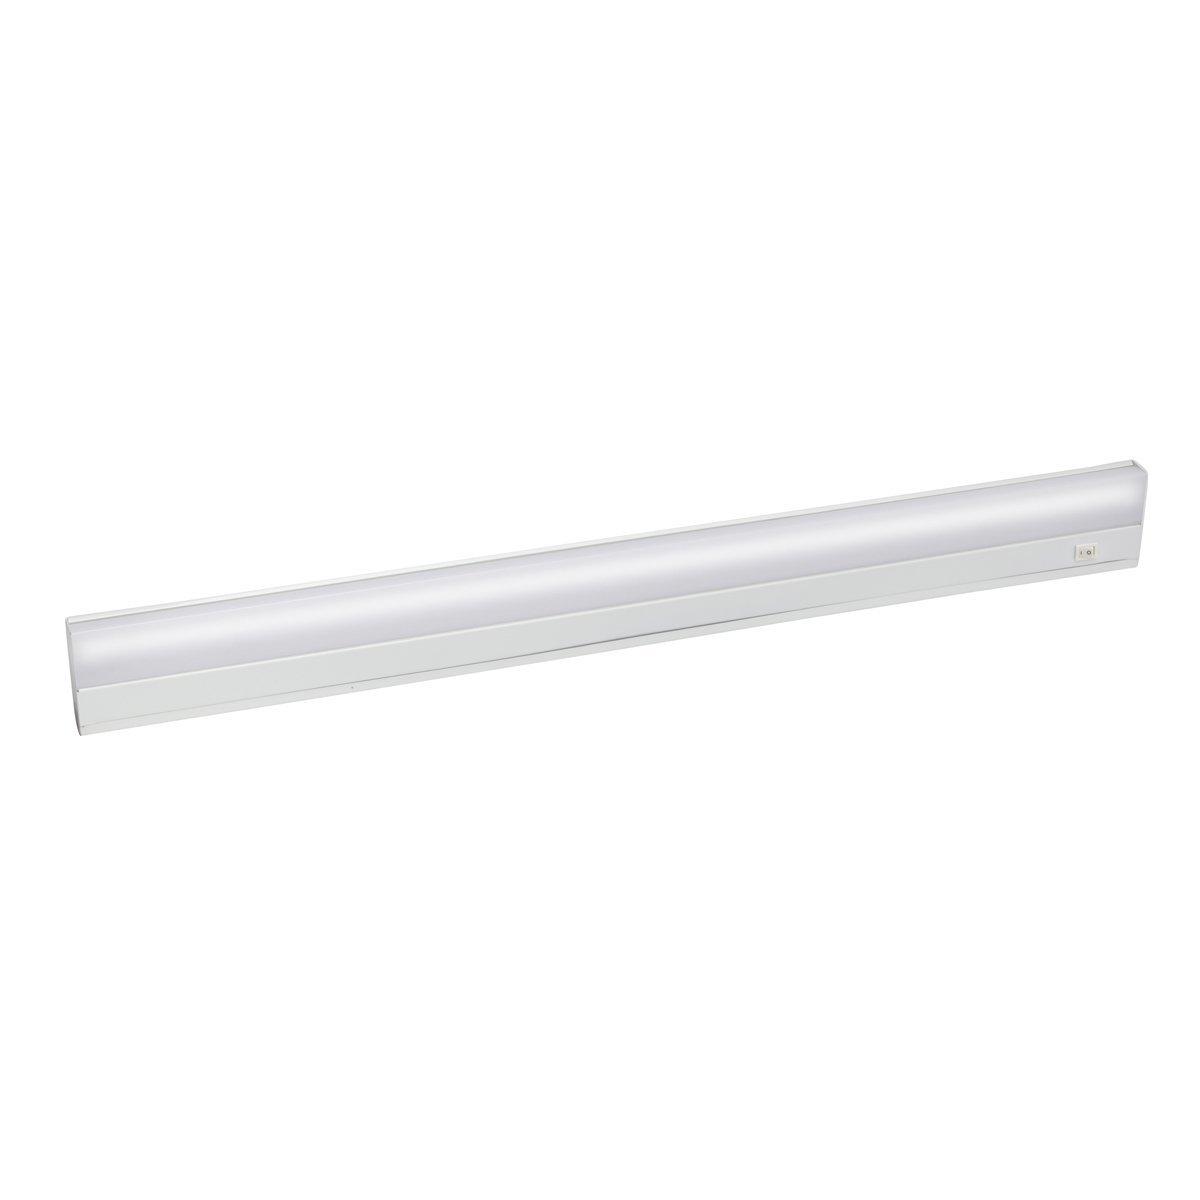 Kichler 10044WH Fluorescent Direct Wire Fluorescent 28W, White